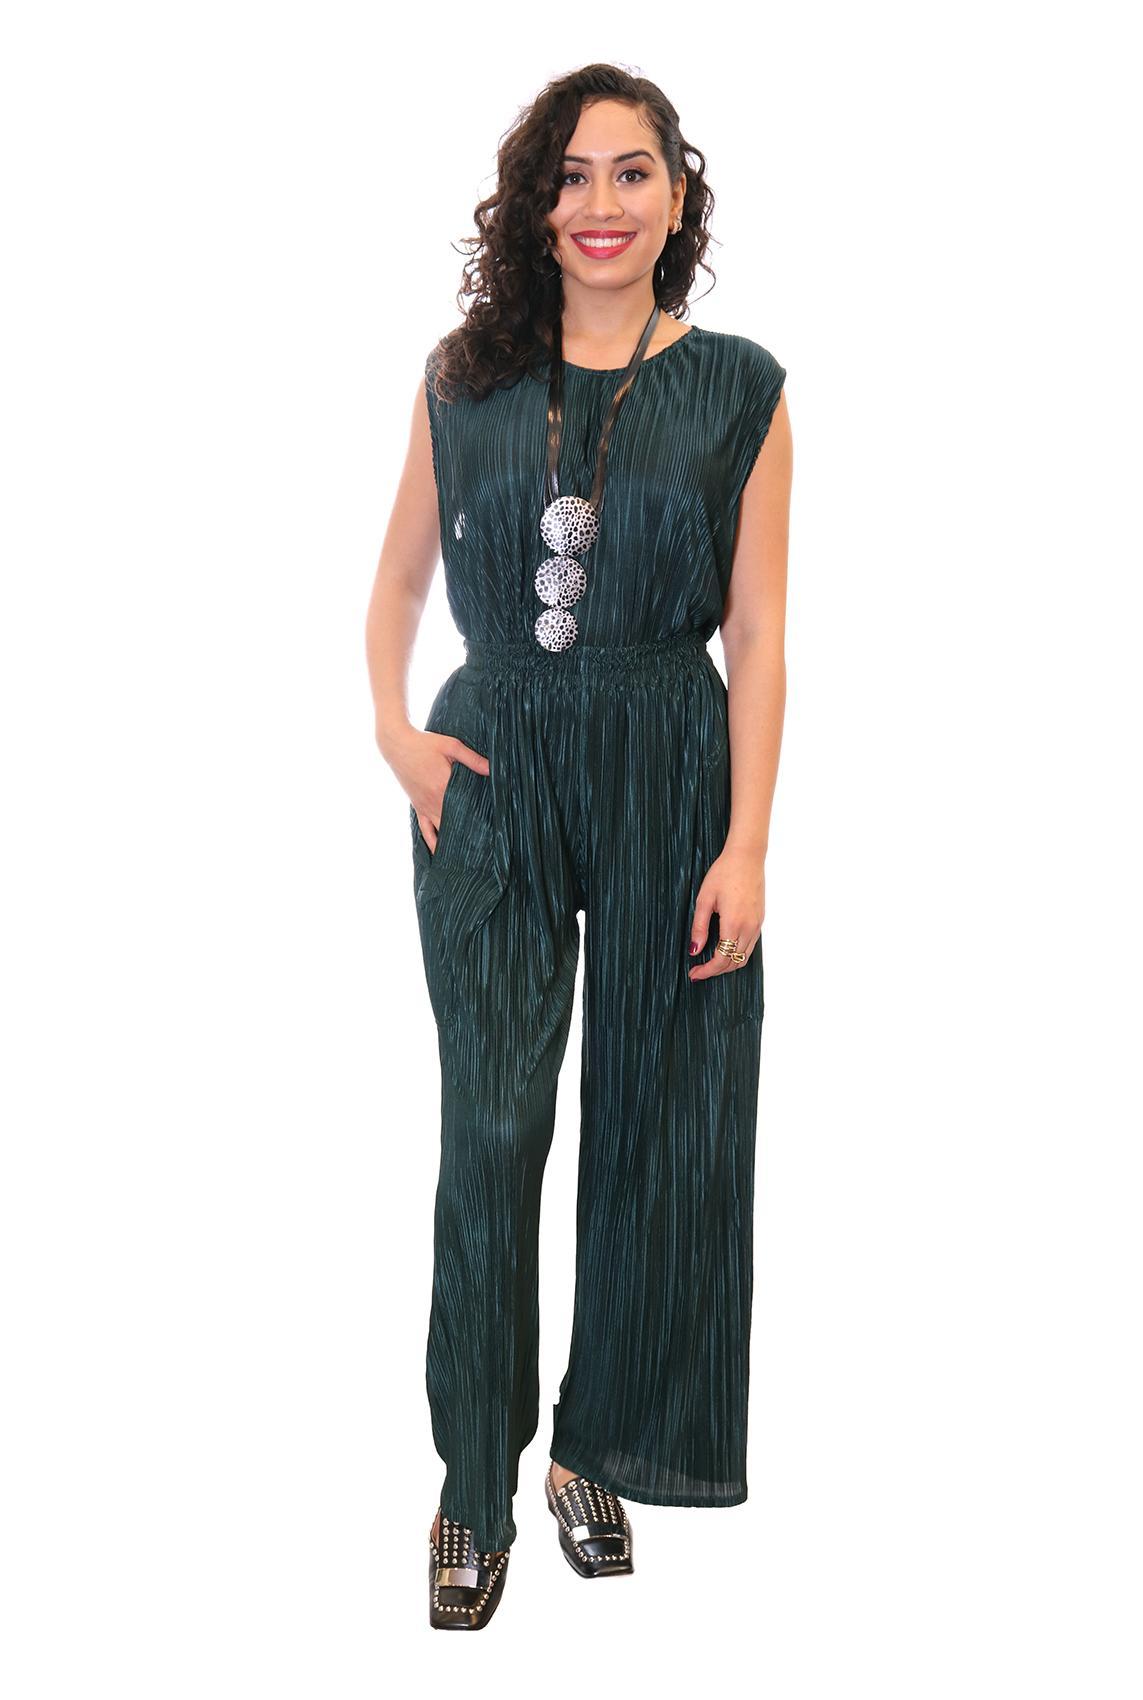 Innovative & Eco-friendly Fabrics